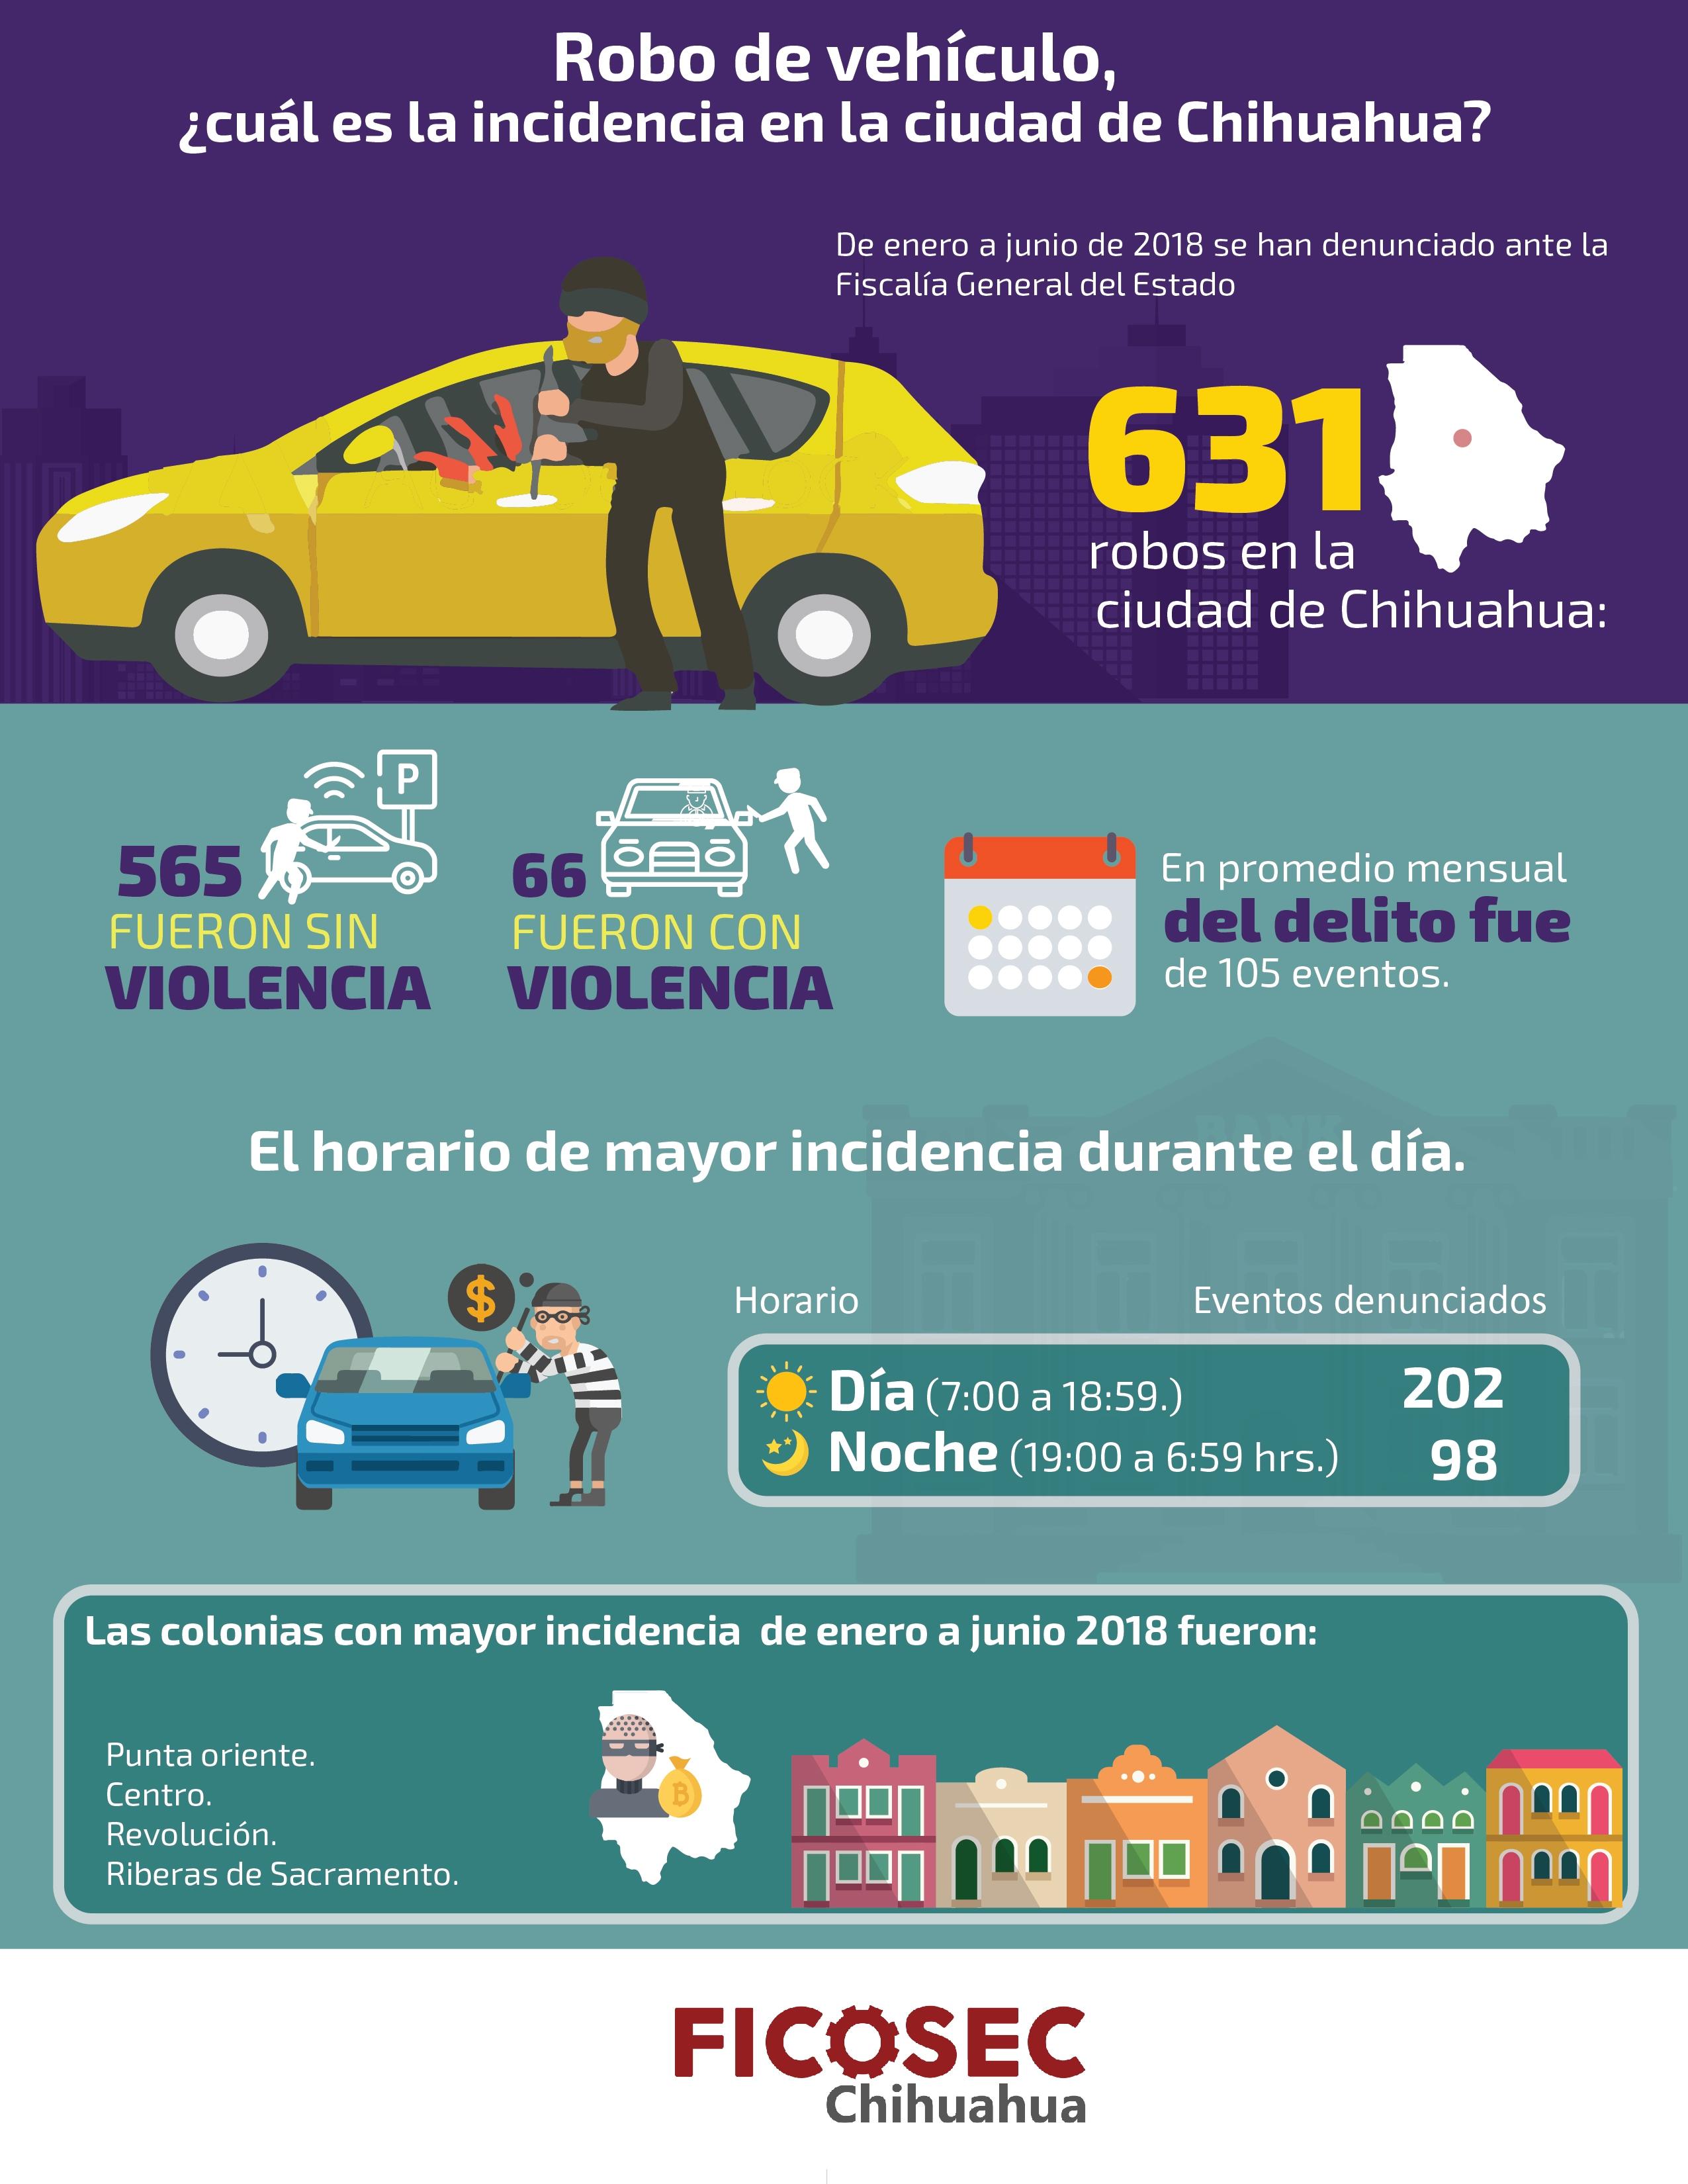 infografia-chihuahua-robos-3